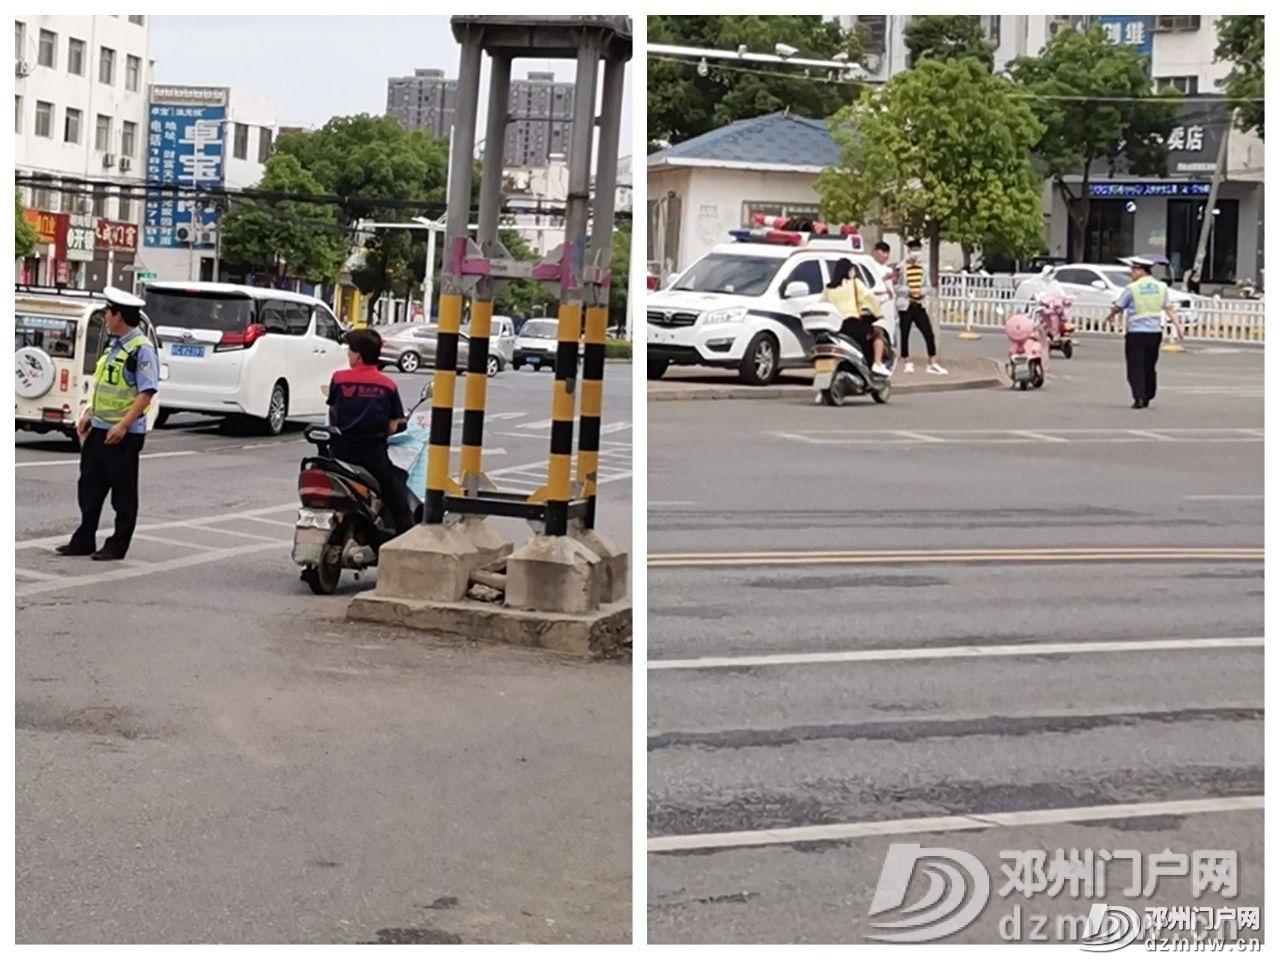 来真的了!邓州这些路口骑电车违规、走路玩手机要受处罚! - 邓州门户网|邓州网 - b3009d7ef71fbe7085e3546d3b3f42d4.jpg